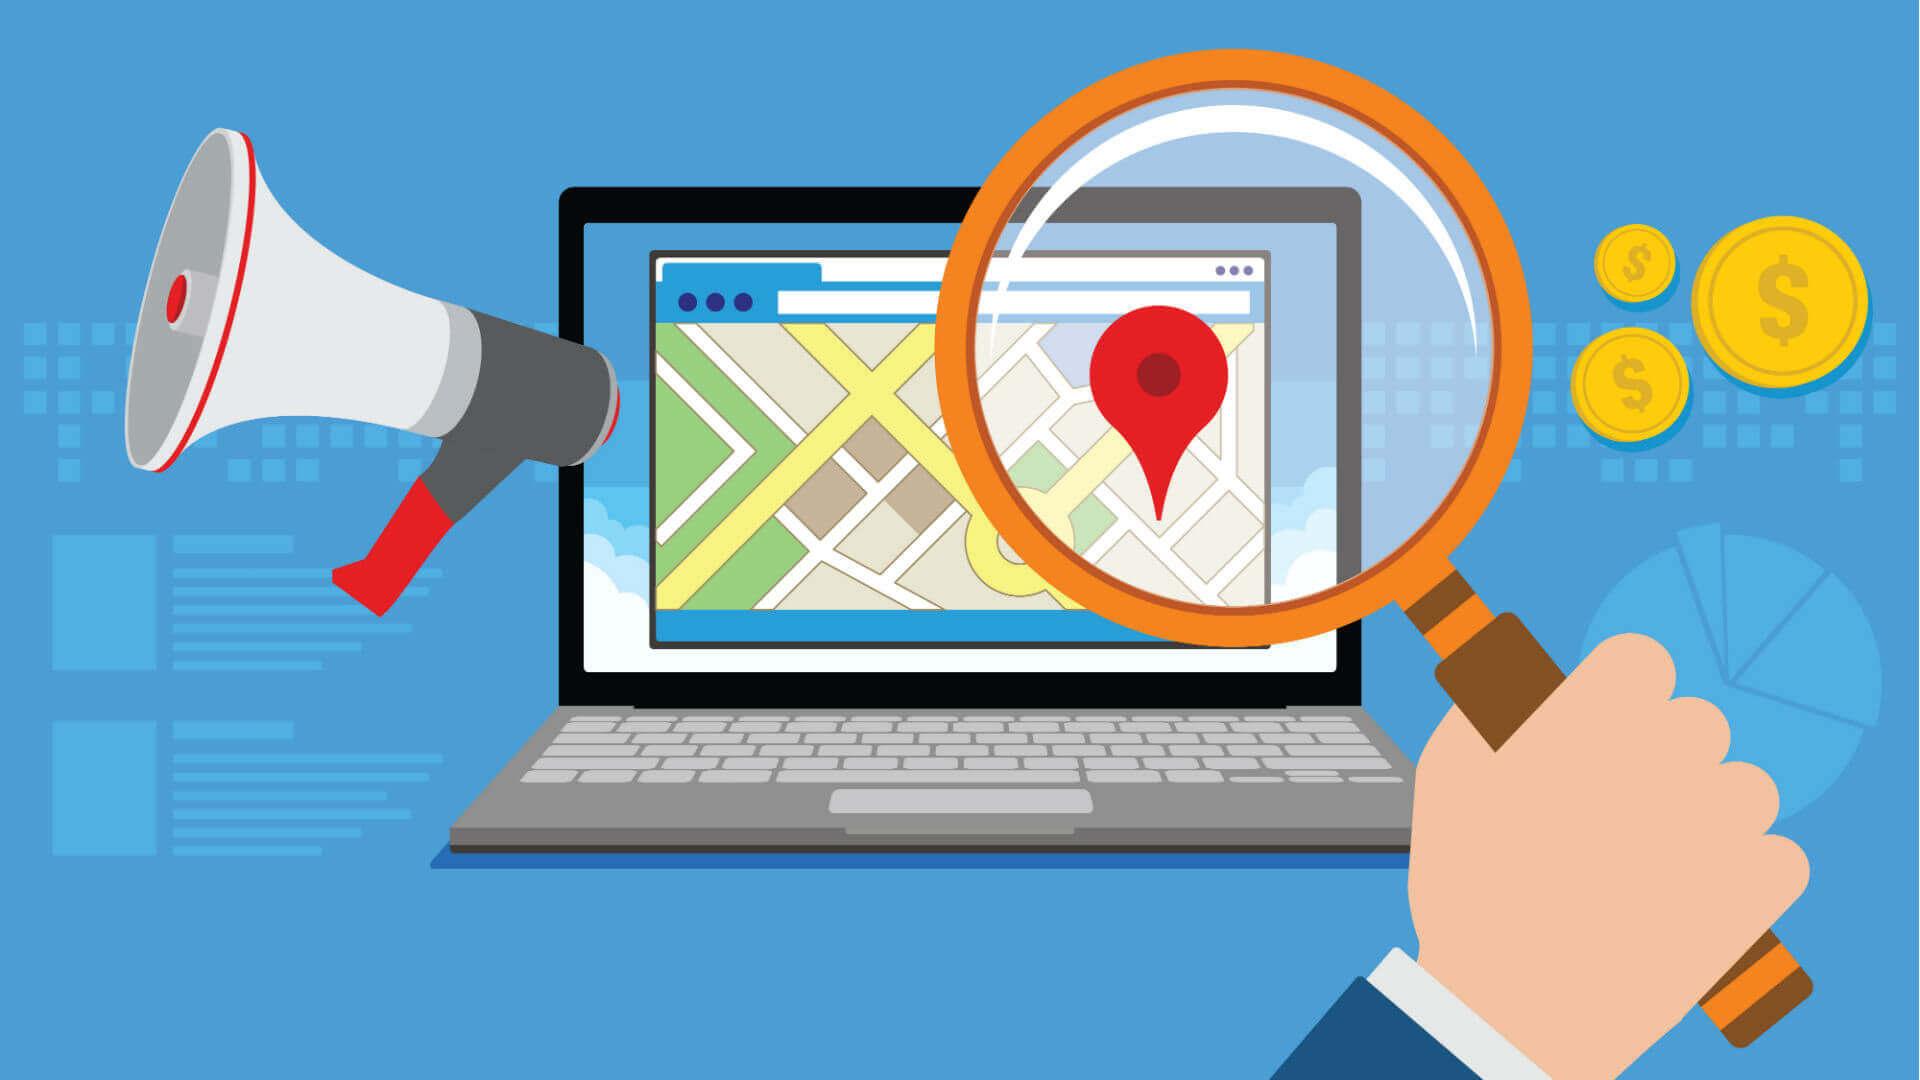 Local search giúp định vị chính xác địa điểm mà bạn tìm kiếm